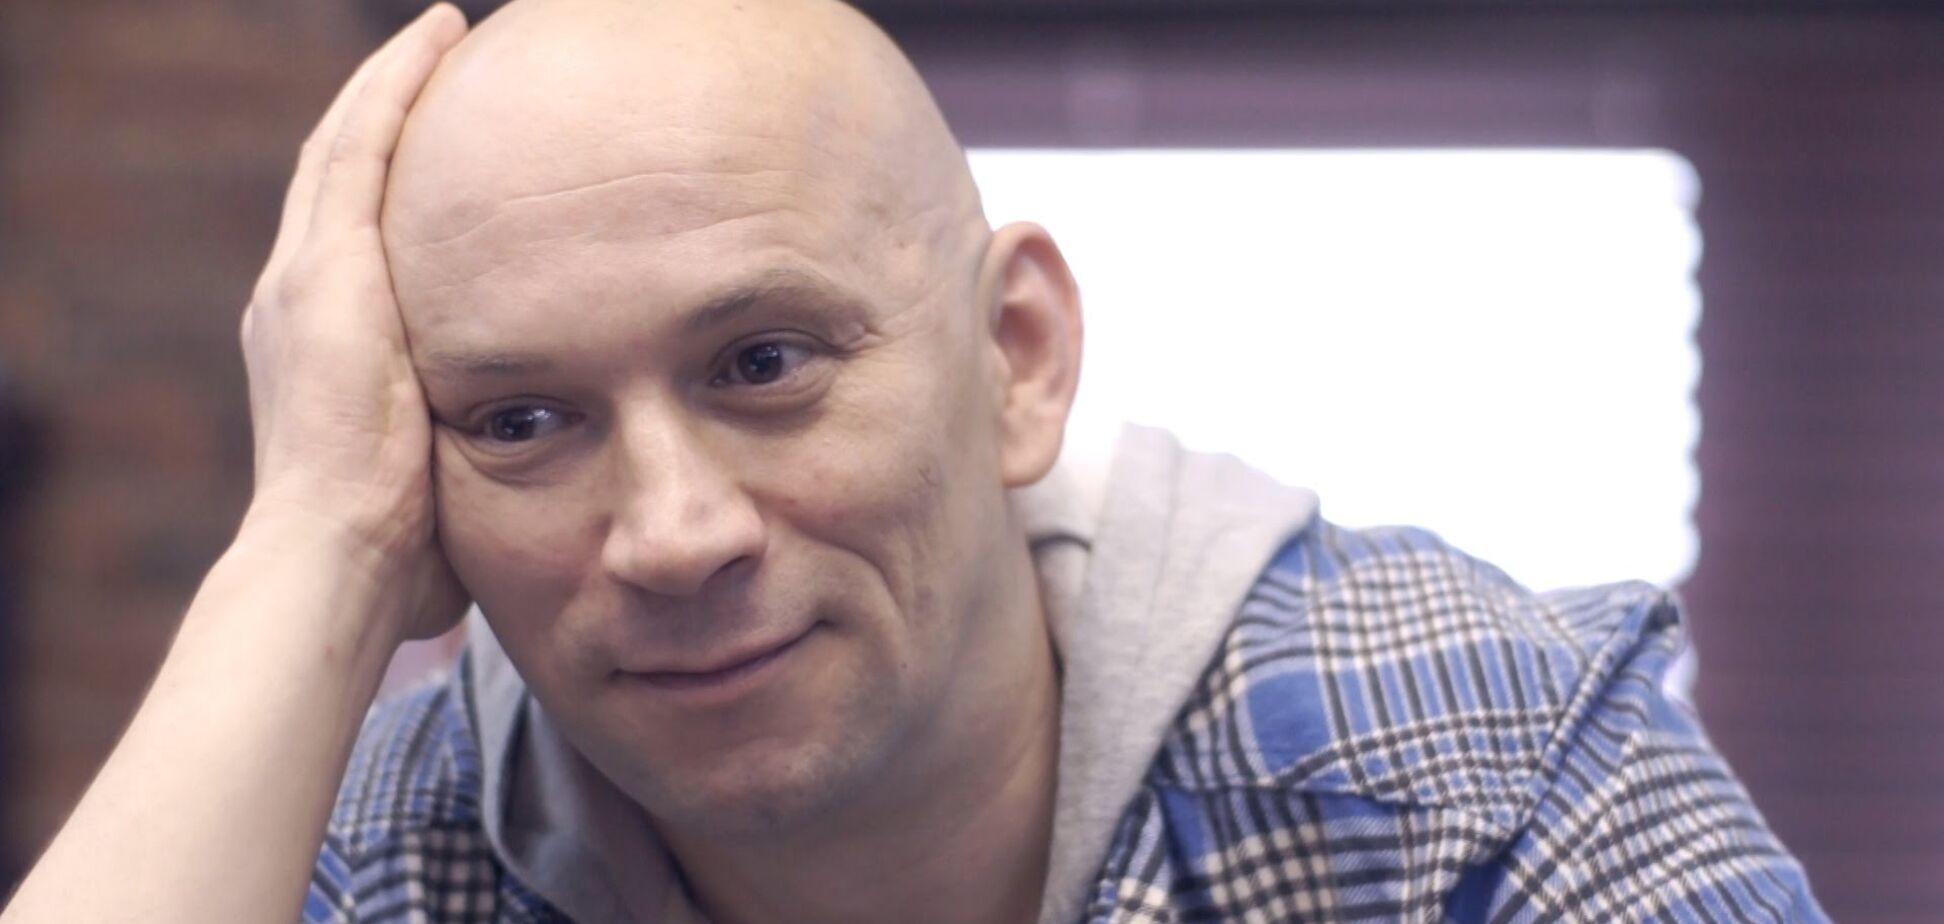 Працював на Прилєпіна: убитий в Африці режисер із Росії був пов'язаний із 'ДНР'